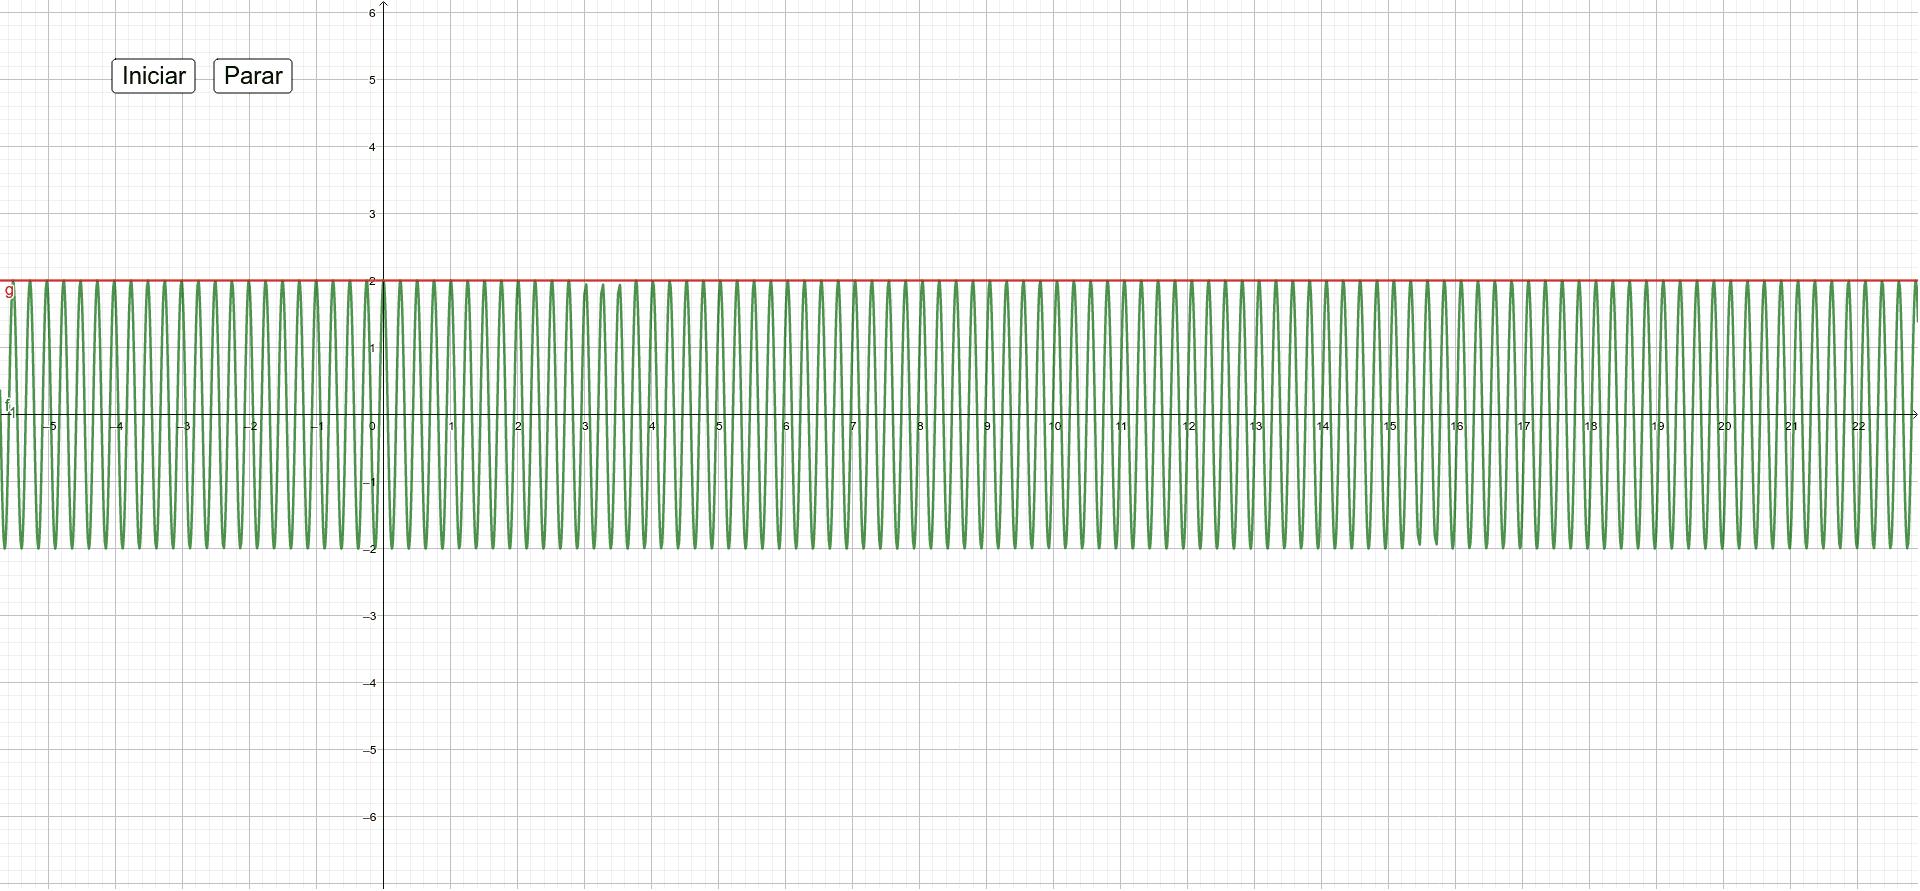 Clique em iniciar e veja o gráfico de uma portadora carregando um sinal por meio da modulação AM. Press Enter to start activity